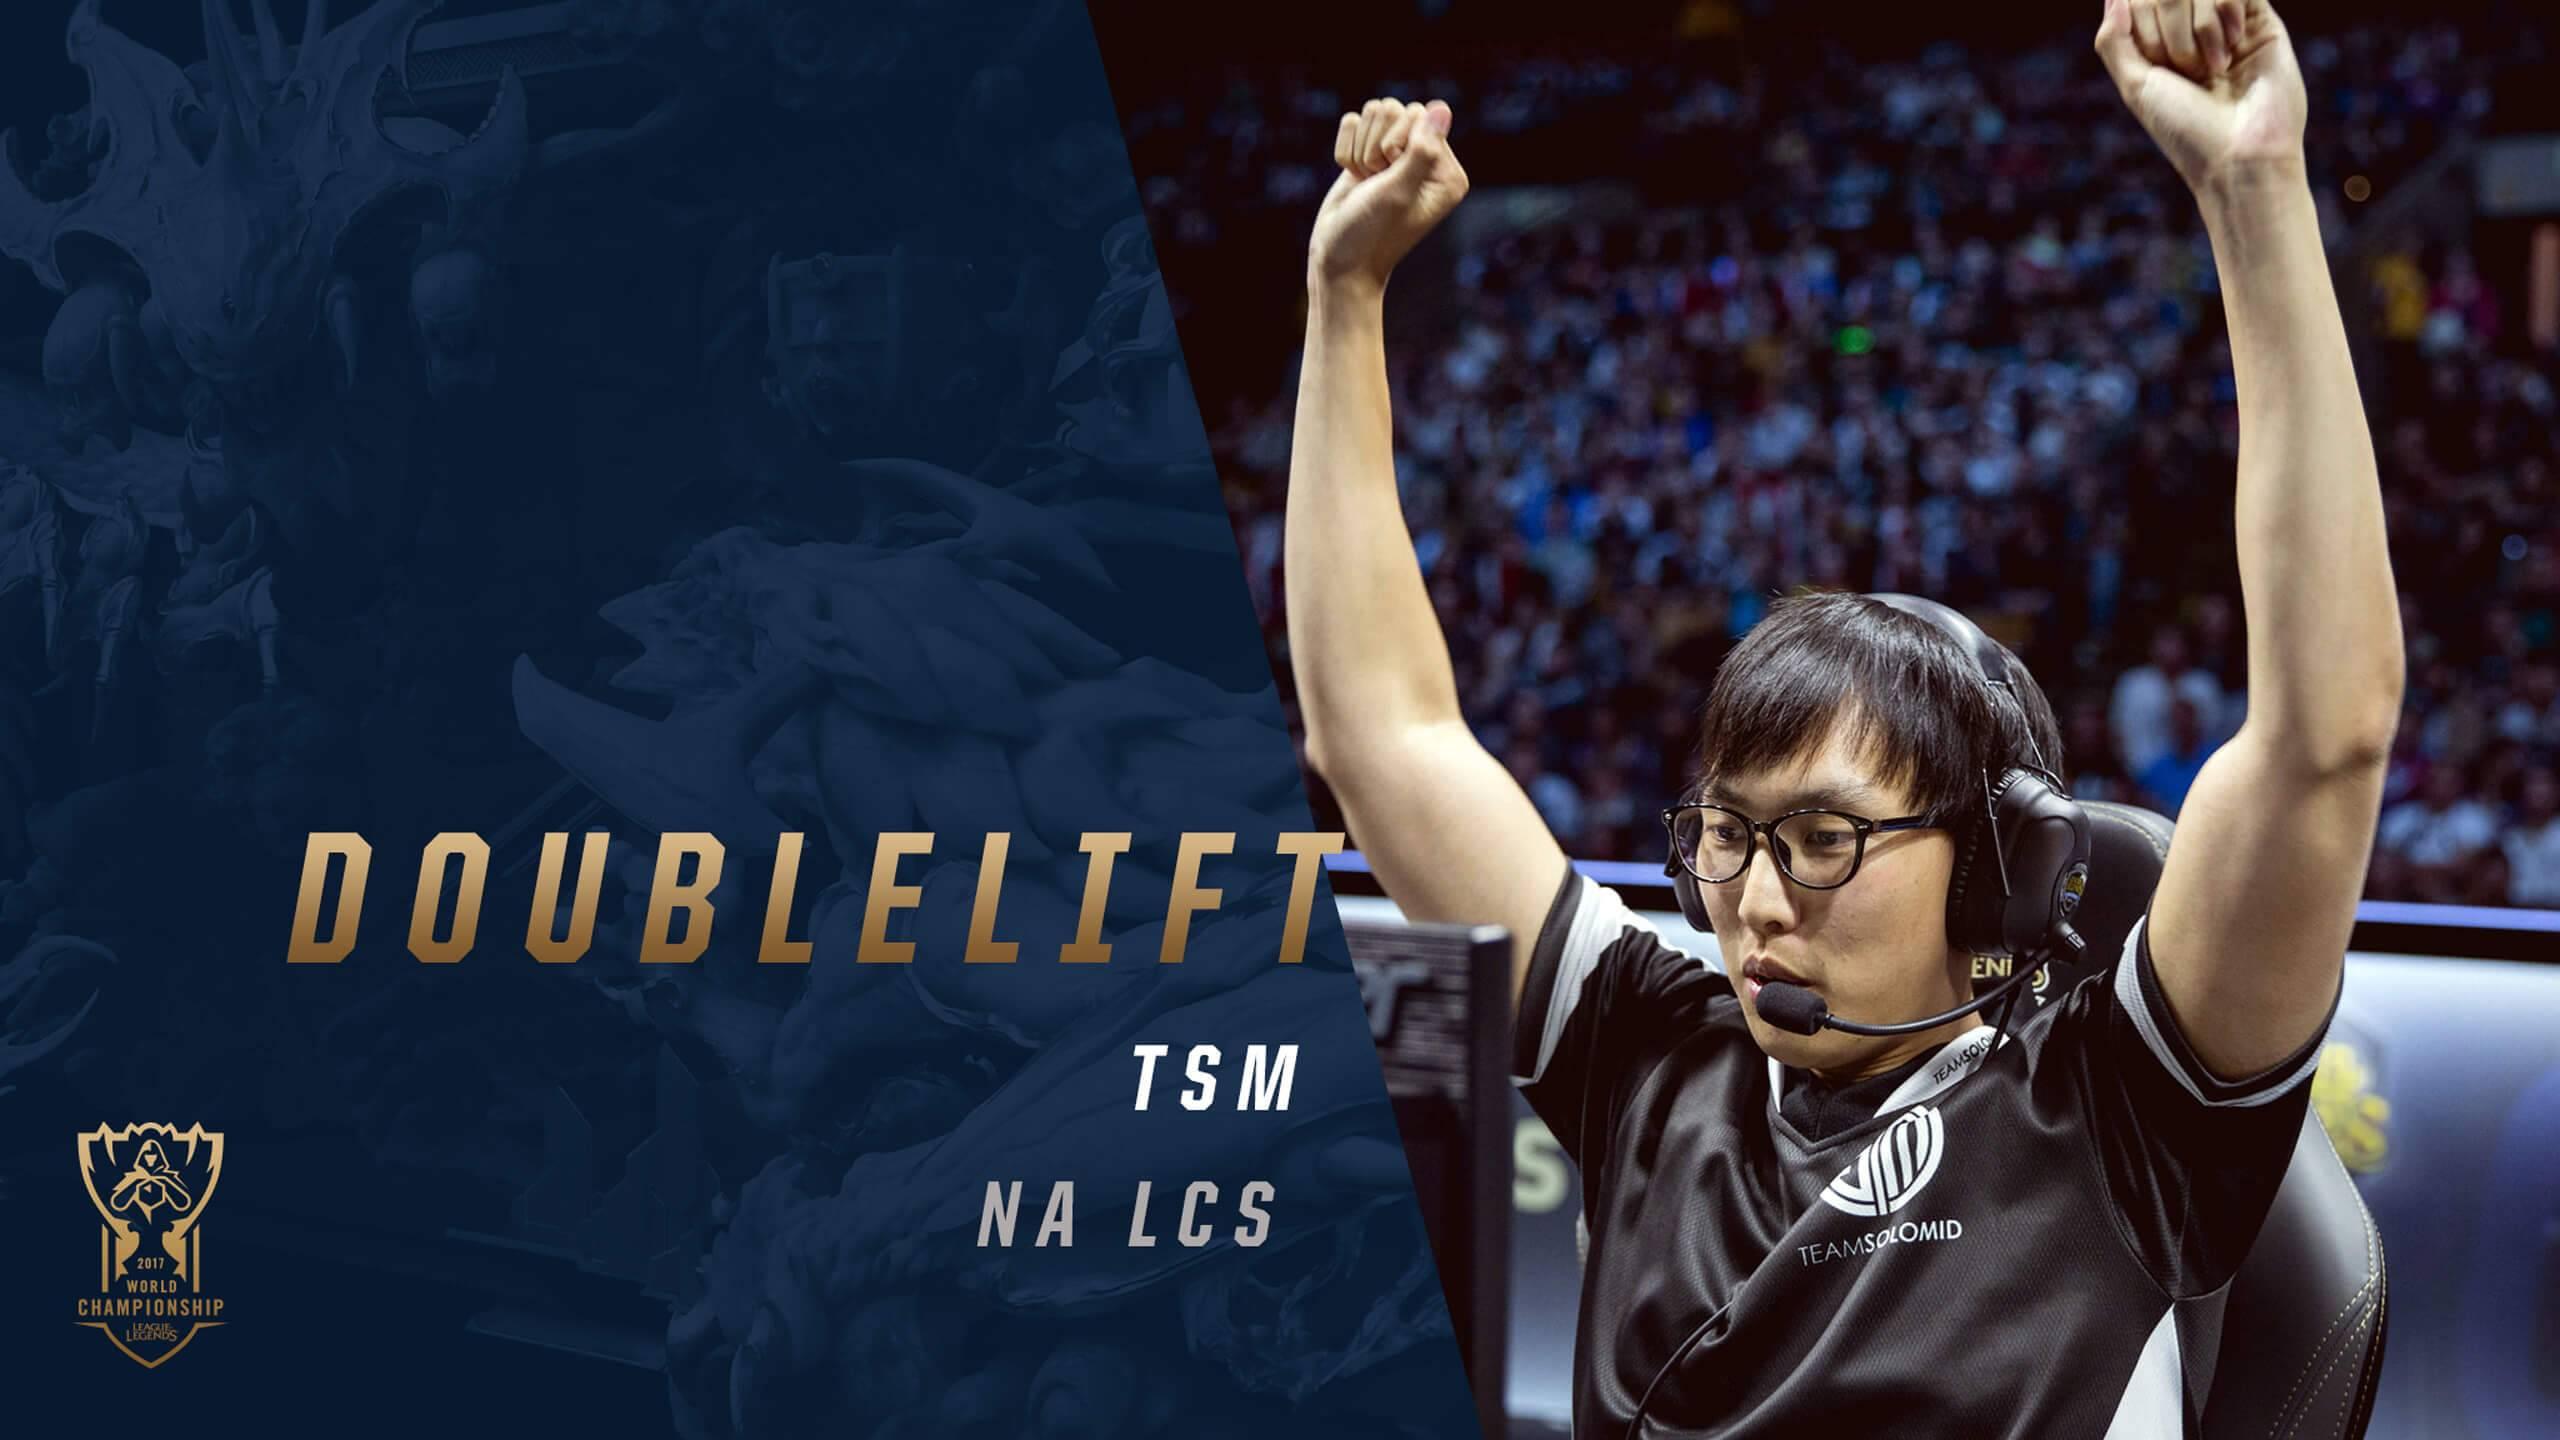 Doublelift TSM